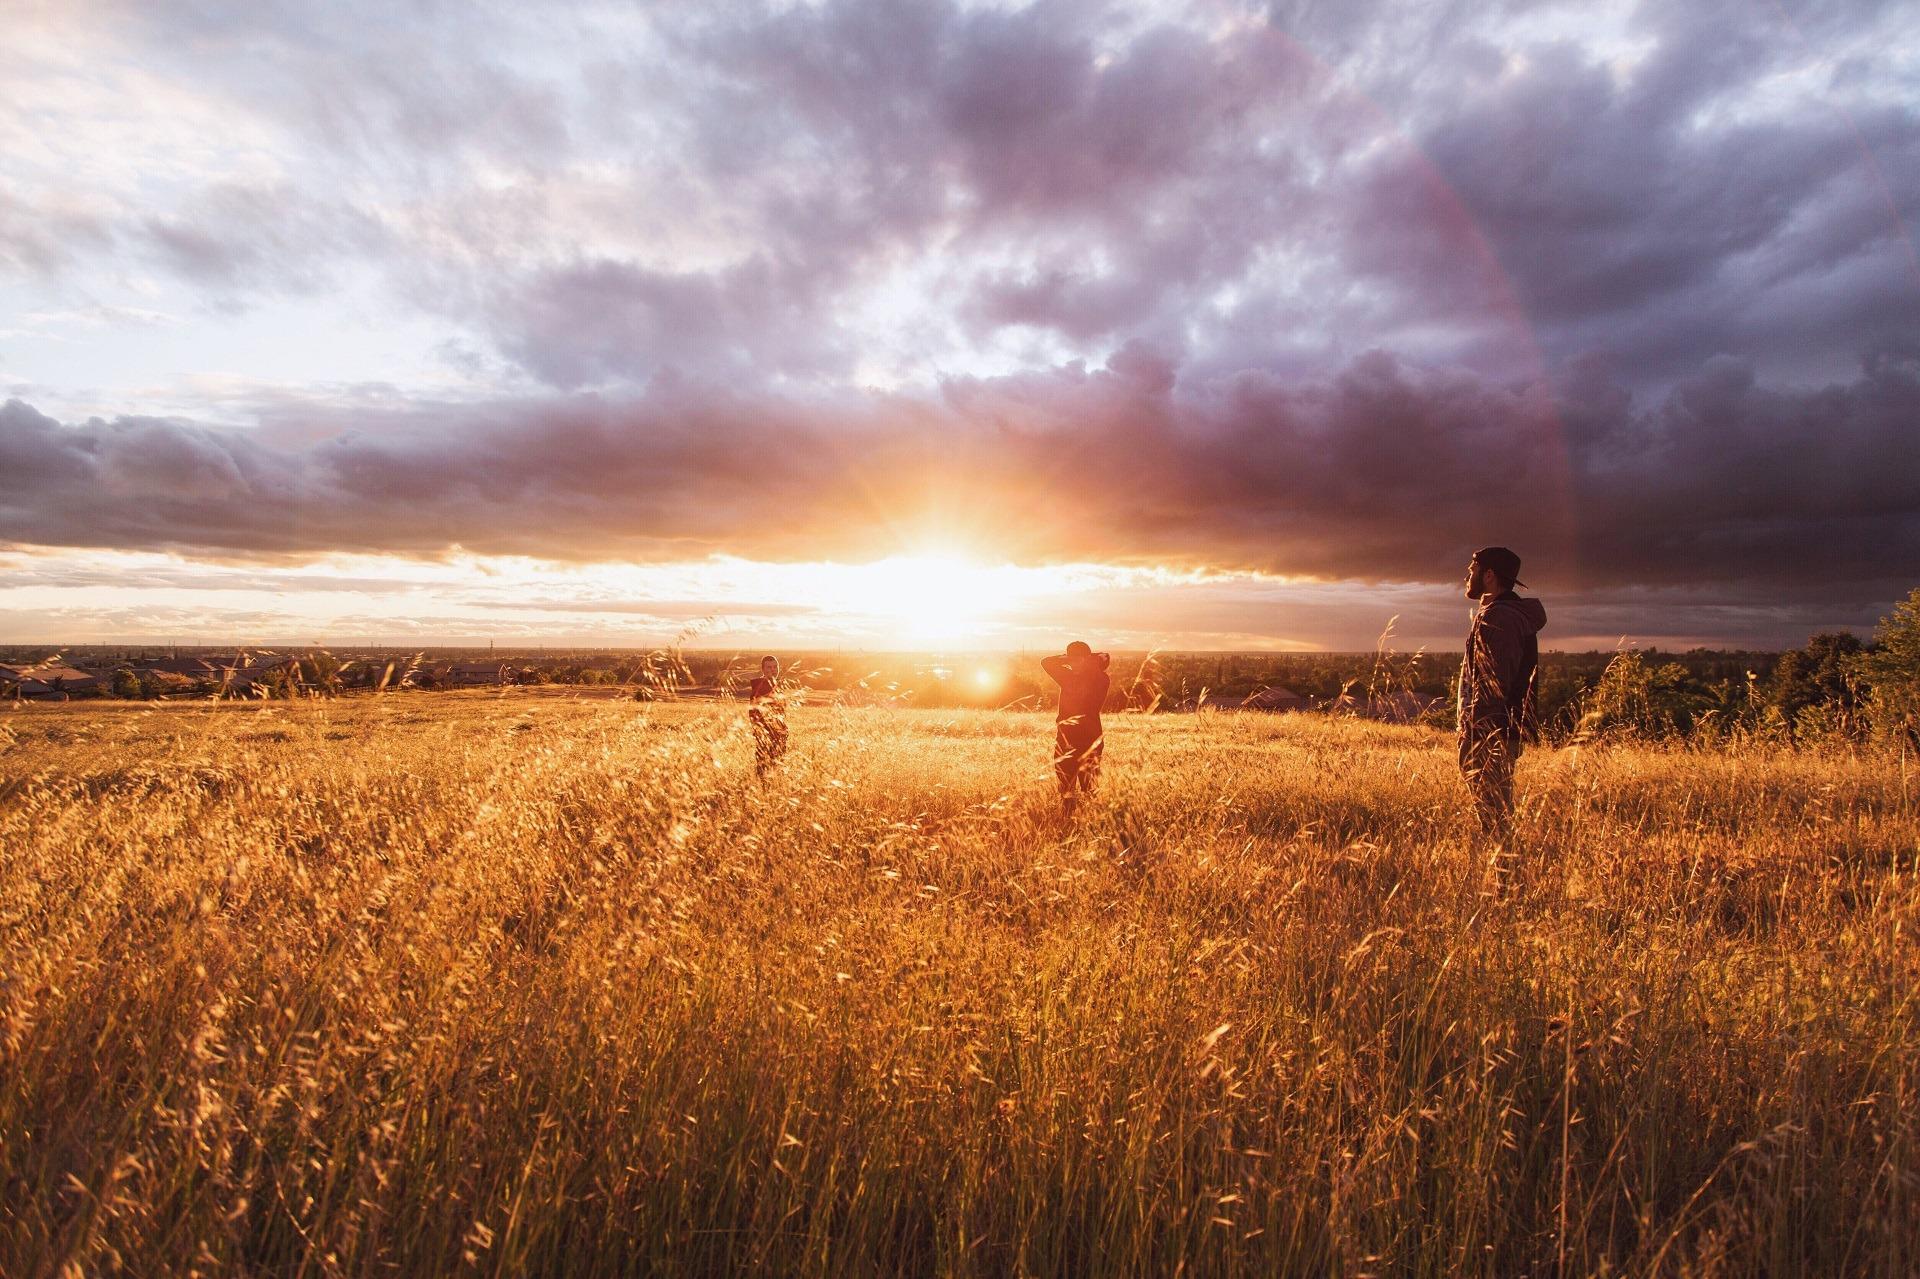 Drei Personen stehen in einem Weizenfeld und betrachten den Sonnenaufgang hinter dunklen Wolken.